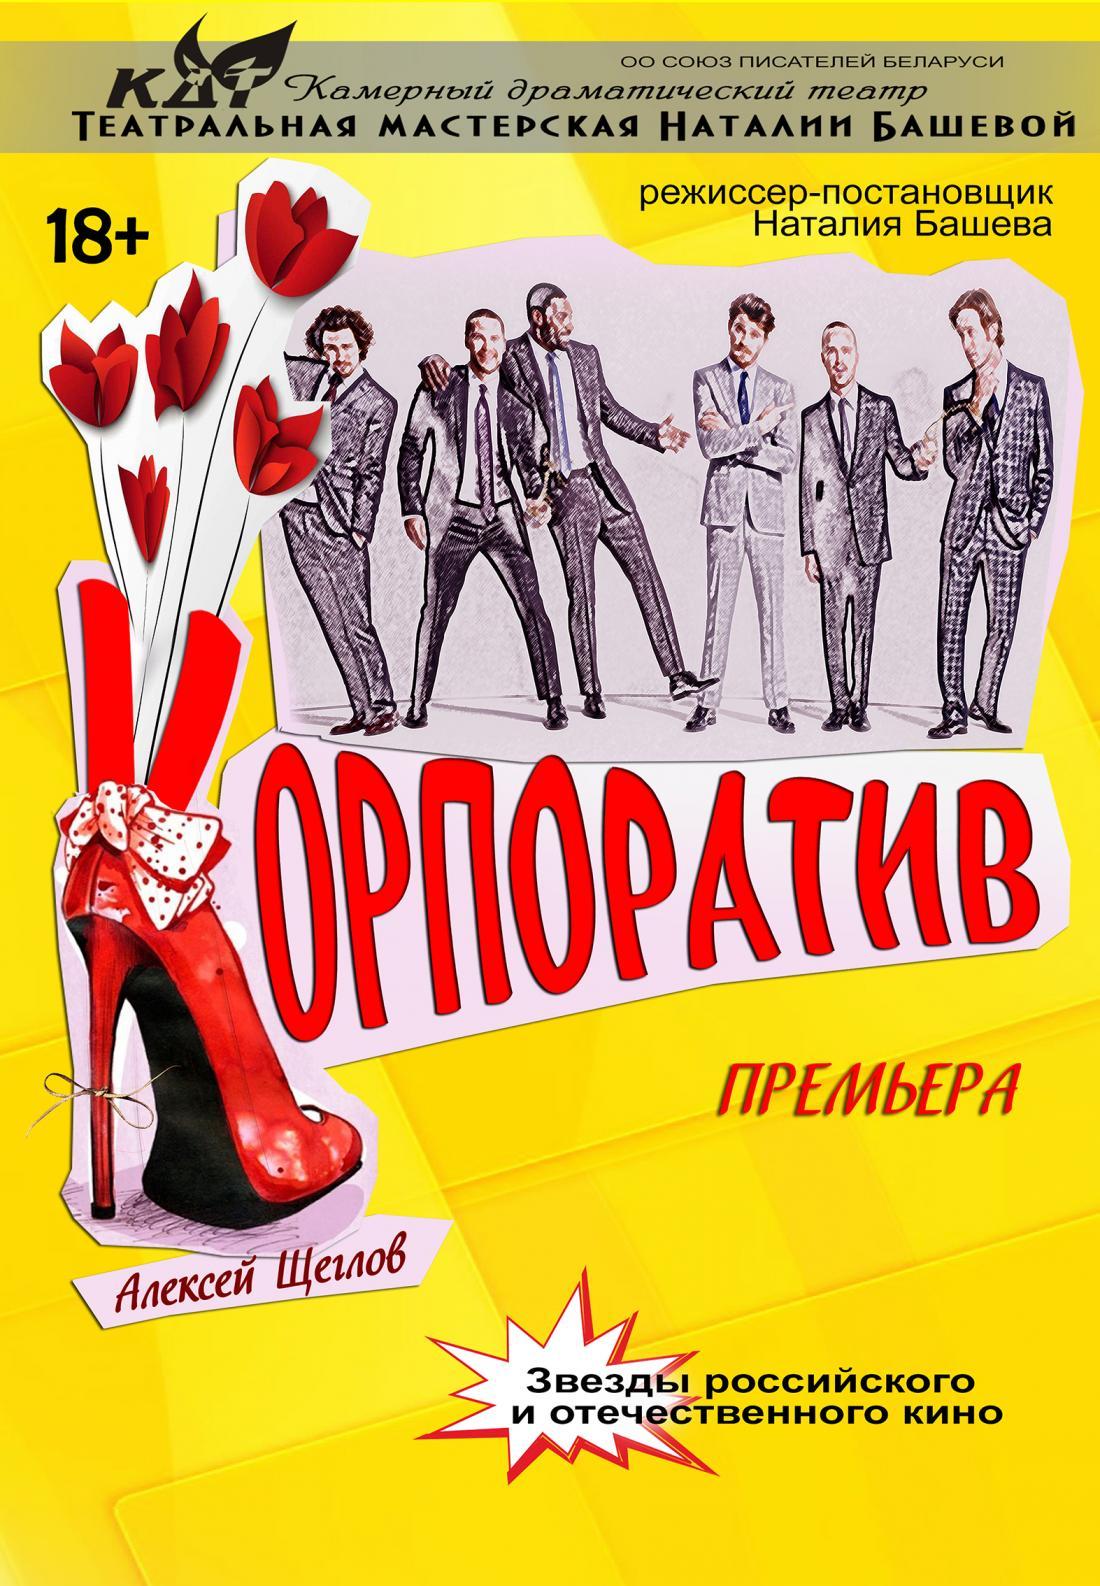 """11 и 15 августа спектакль """"Корпоратив"""", два билета по цене одного от 12 руб."""